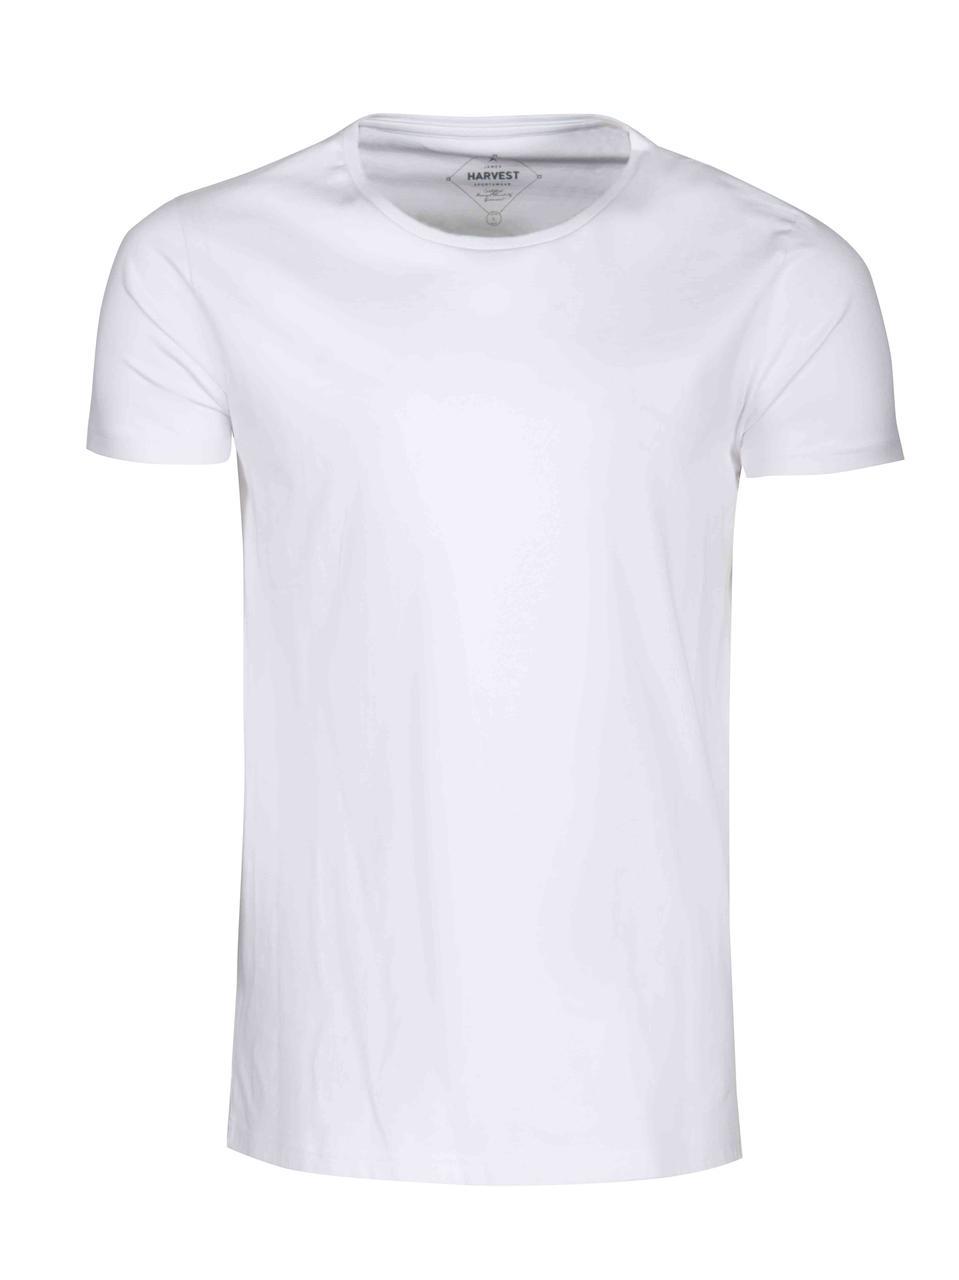 Мужская футболка Twoville от ТМ James Harvest (цвет белый)